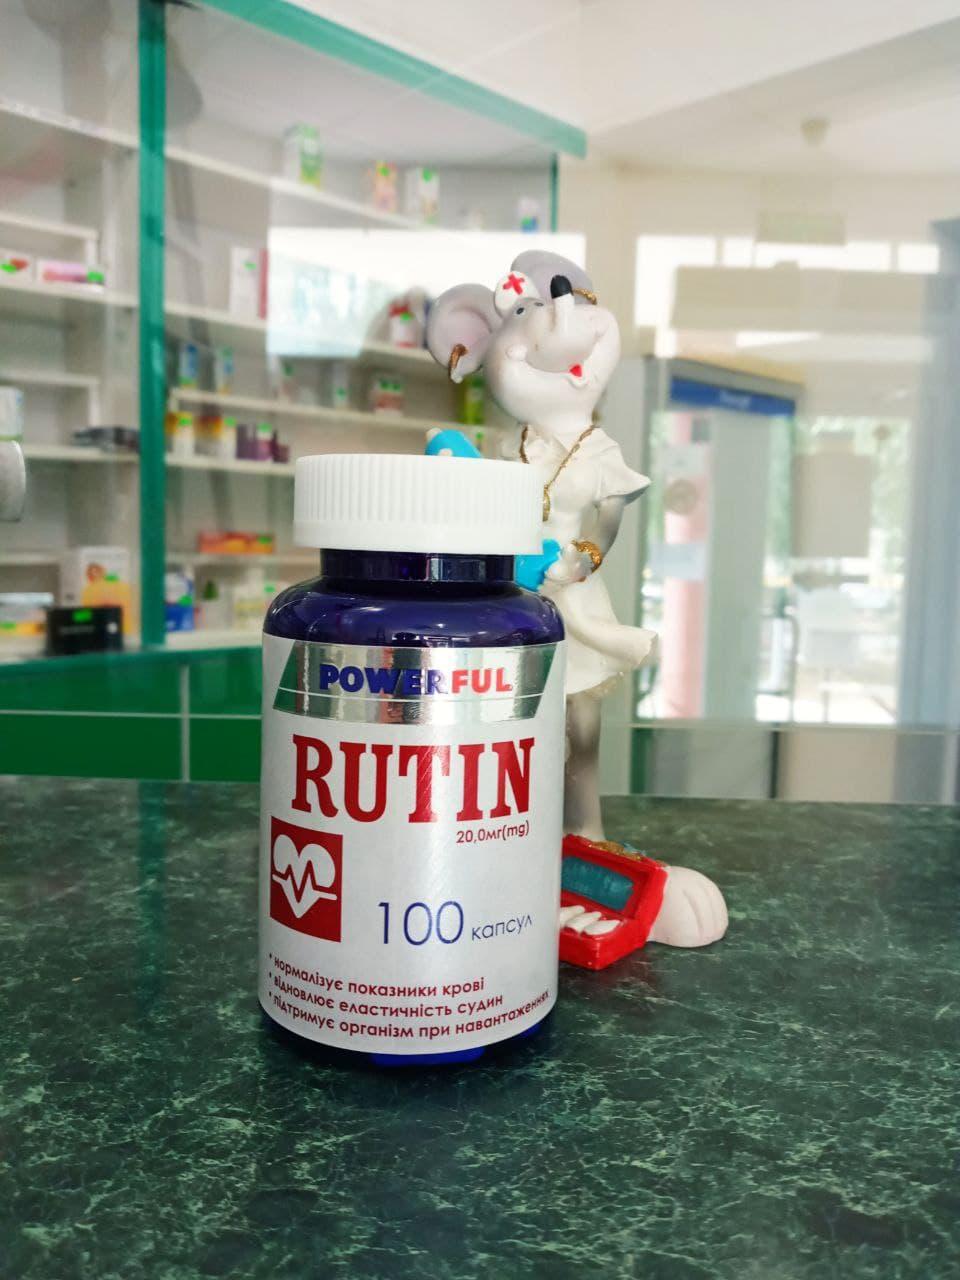 БАД Рутин (витамин Р) - зміцнює судини та капіляри, проти судинних зірочек та запобіганню атерослерозу та серцево-судинних захворювань